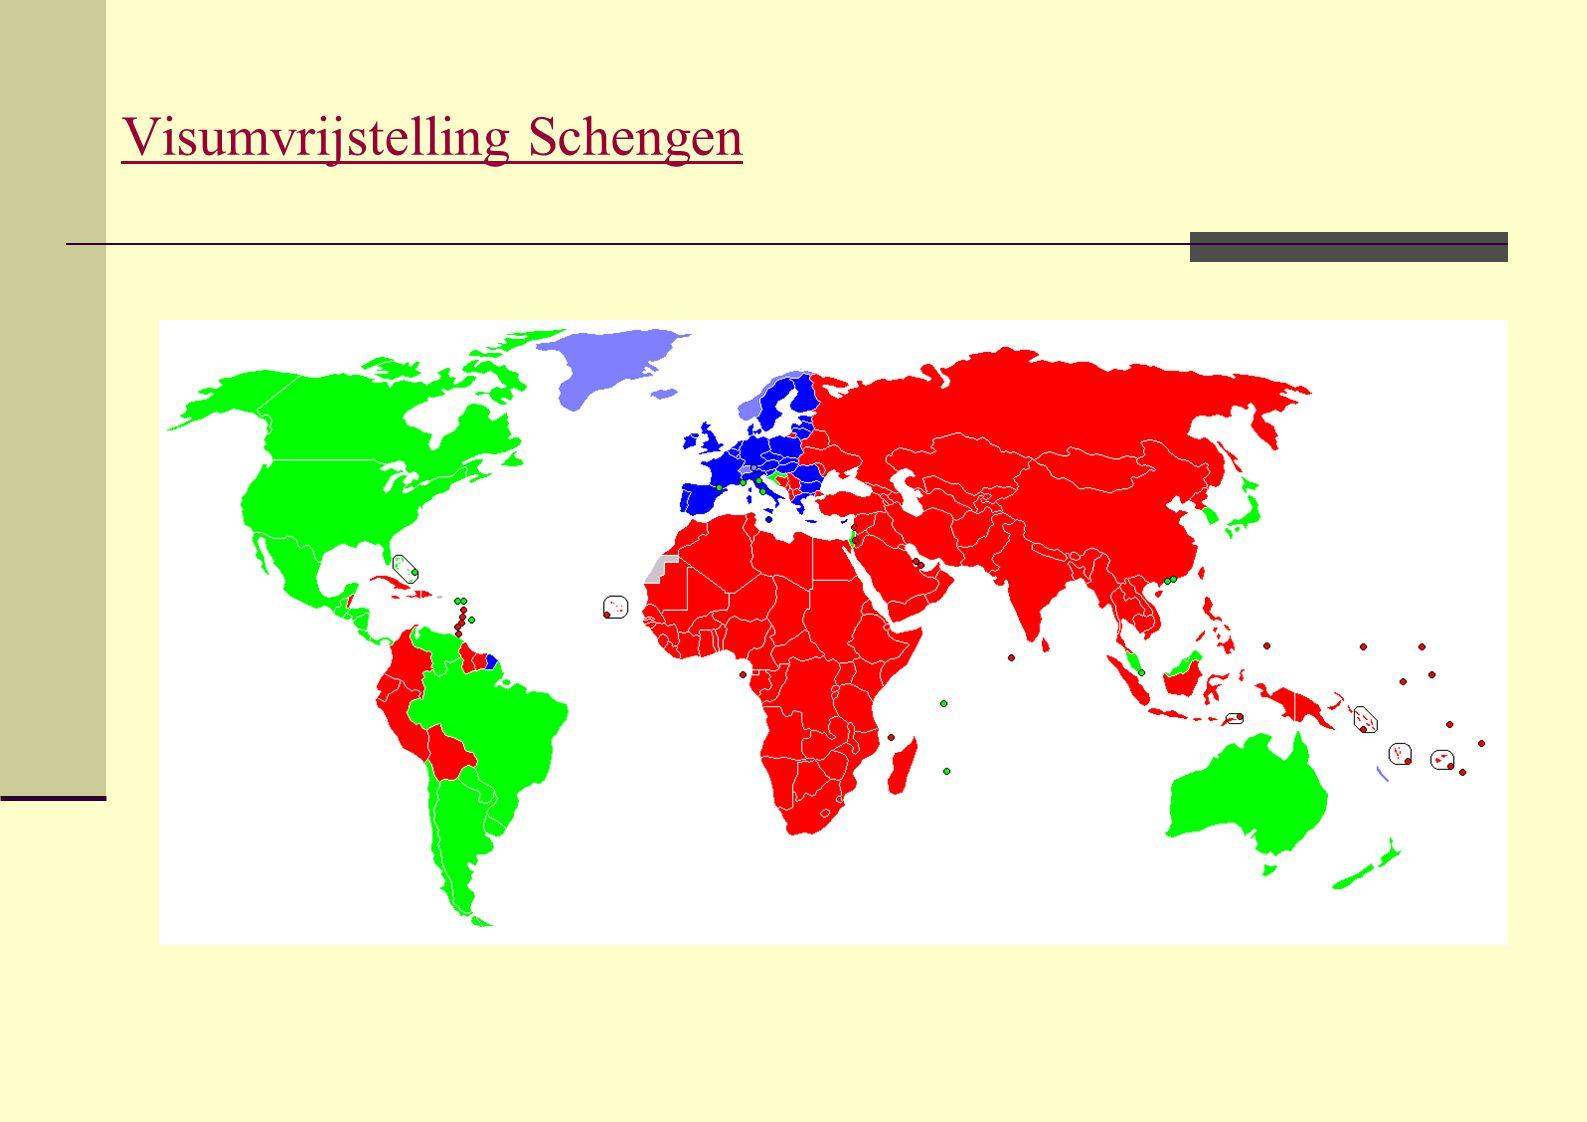 Visumvrijstelling Schengen